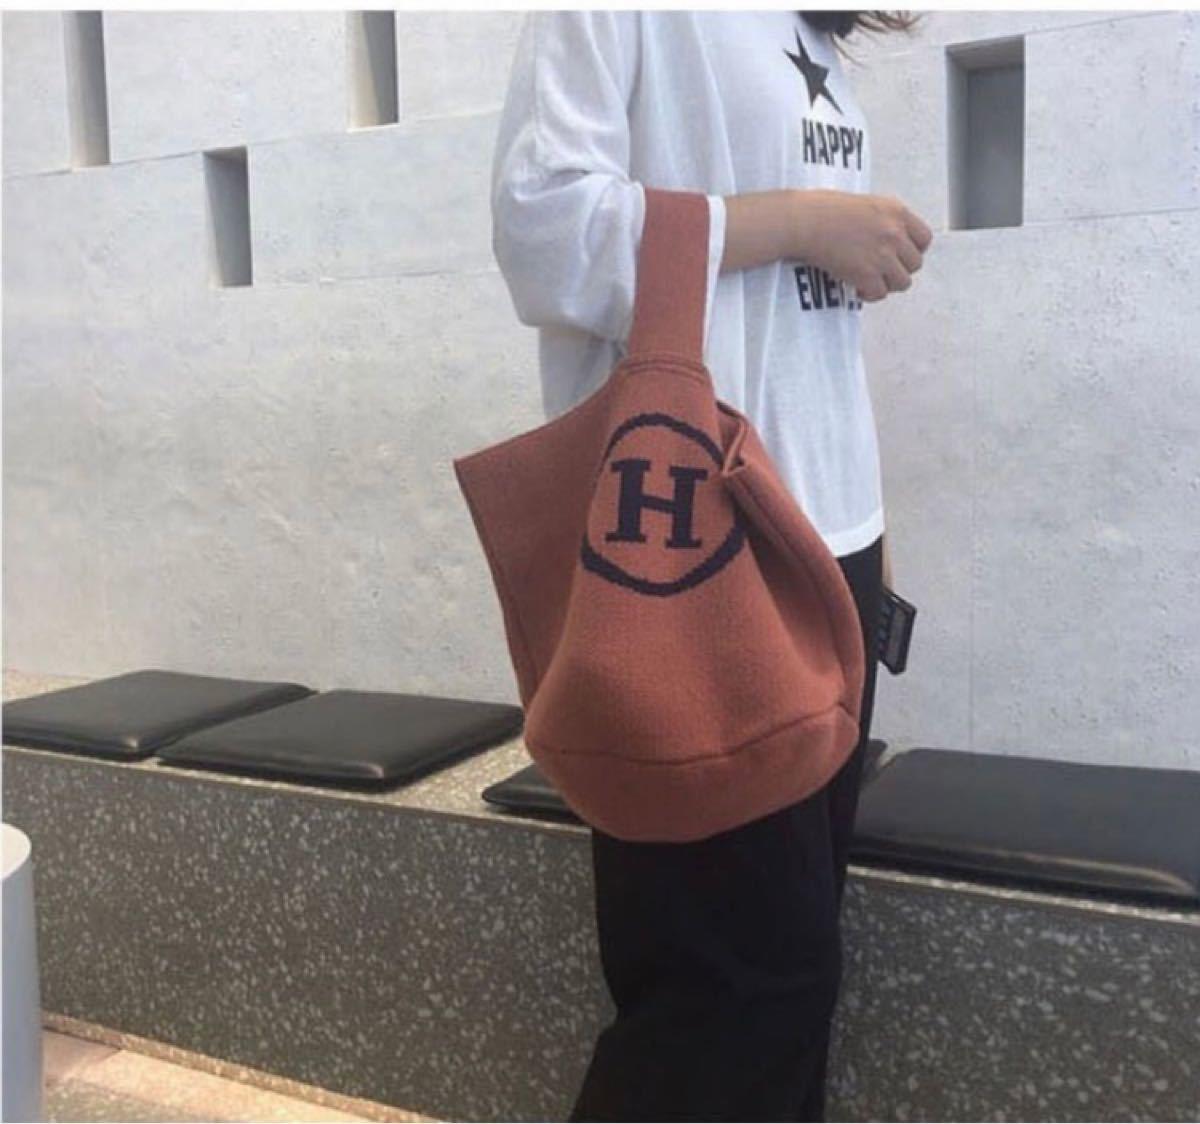 トートバッグ 大人気ニットバッグ エコバッグ、ショルダーバッグ ハンドバッグ 2wayバッグ 折りたたみバッグ